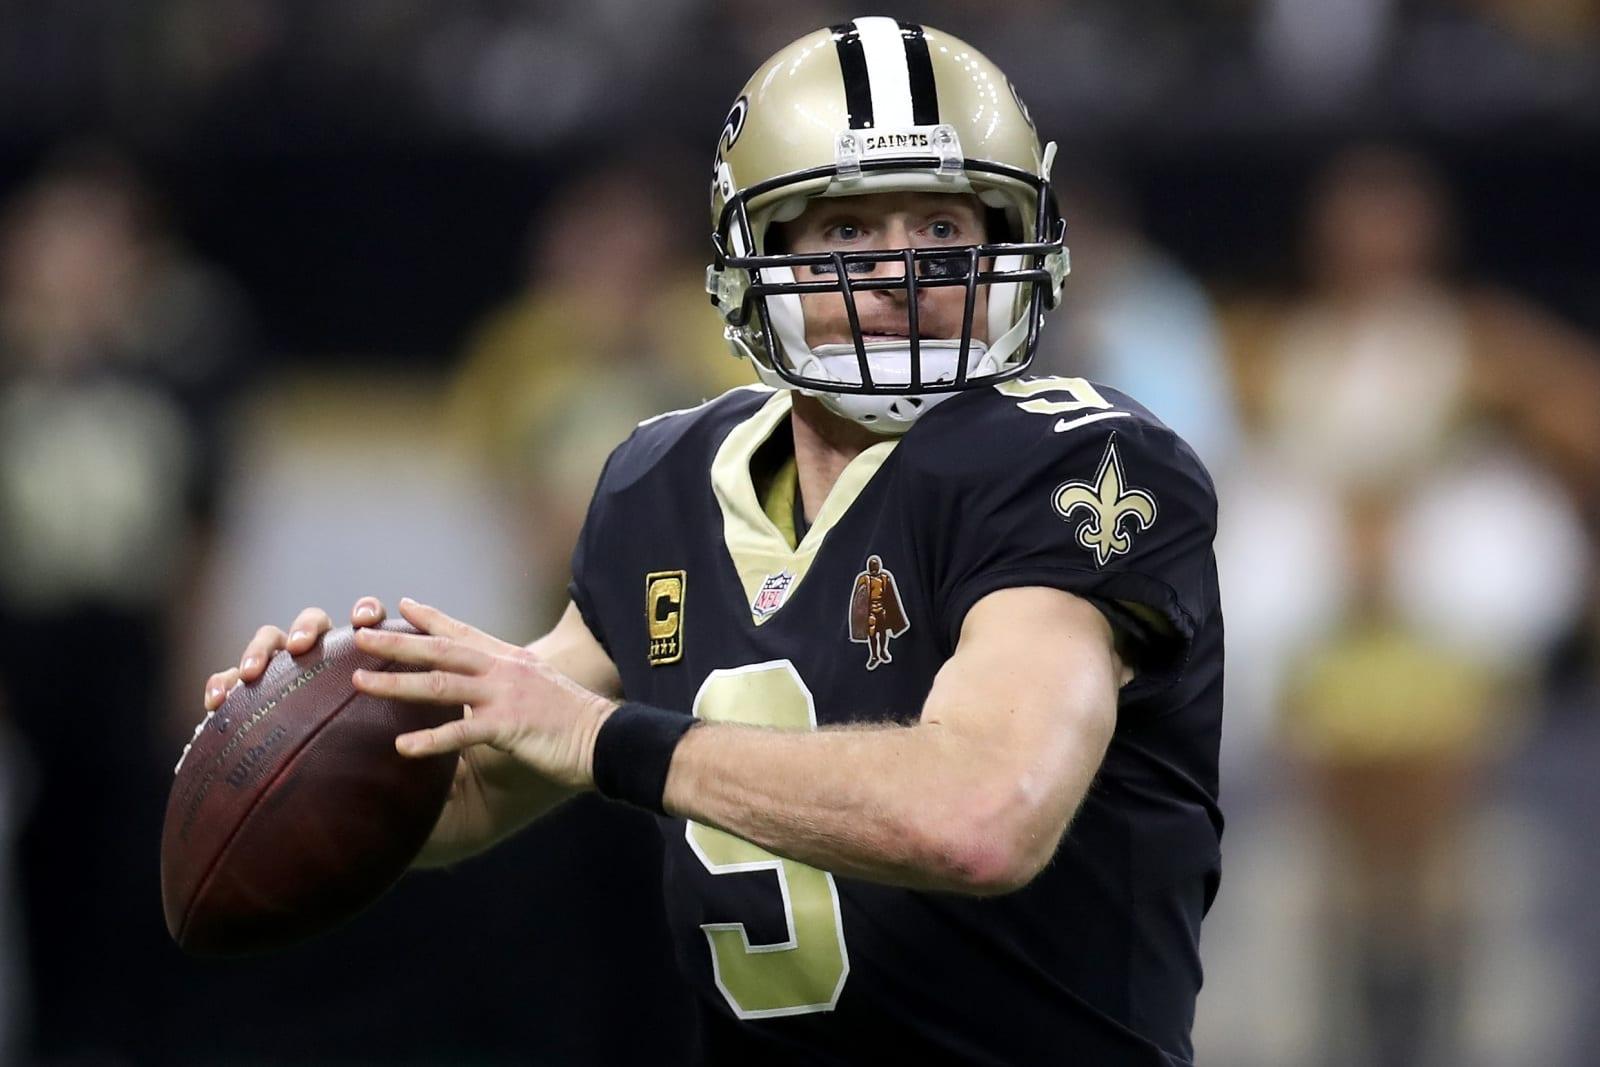 Saints Roster | New Orleans Saints | blogger.com